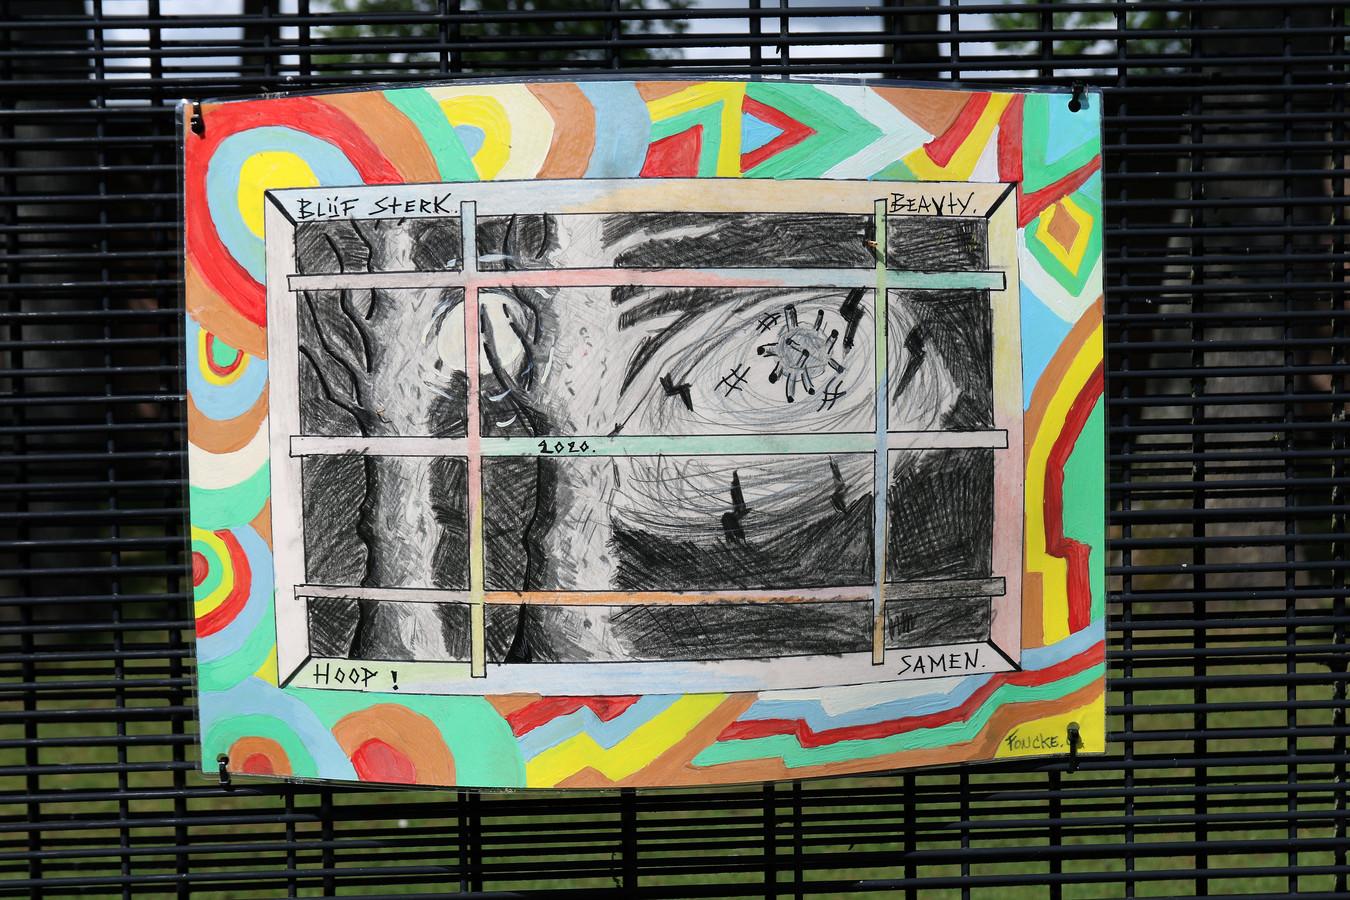 De gevangen vroegen zelf om hun boodschappen zichtbaar te maken.